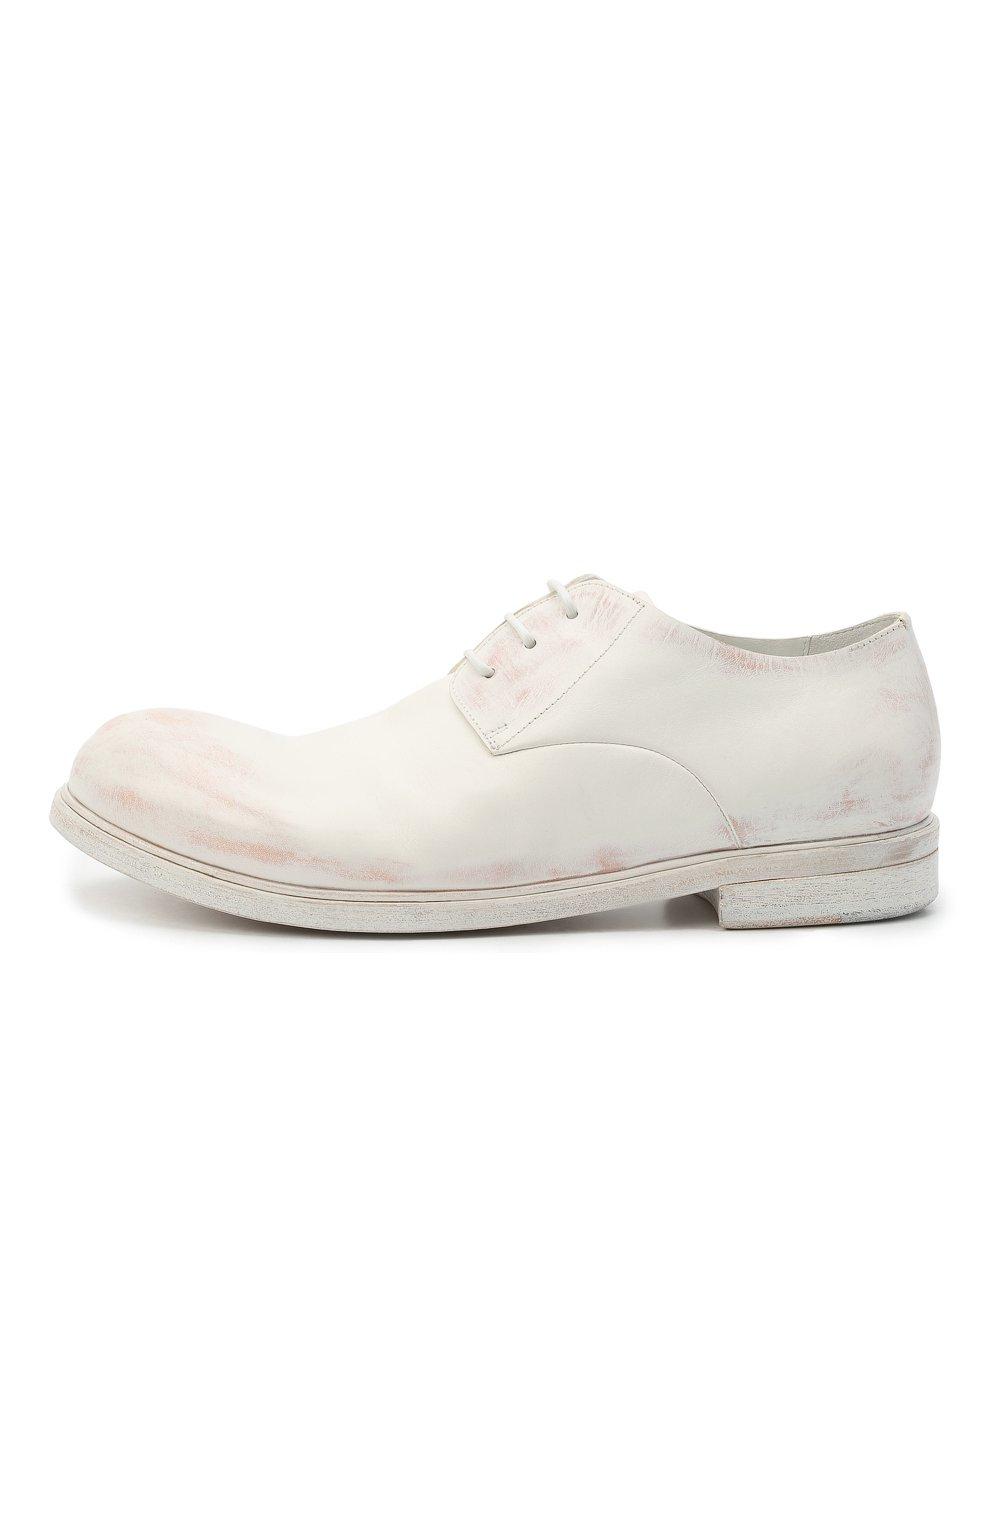 Мужские кожаные дерби MARSELL белого цвета, арт. MM2443/PELLE CERATA | Фото 3 (Материал внутренний: Натуральная кожа; Стили: Классический)